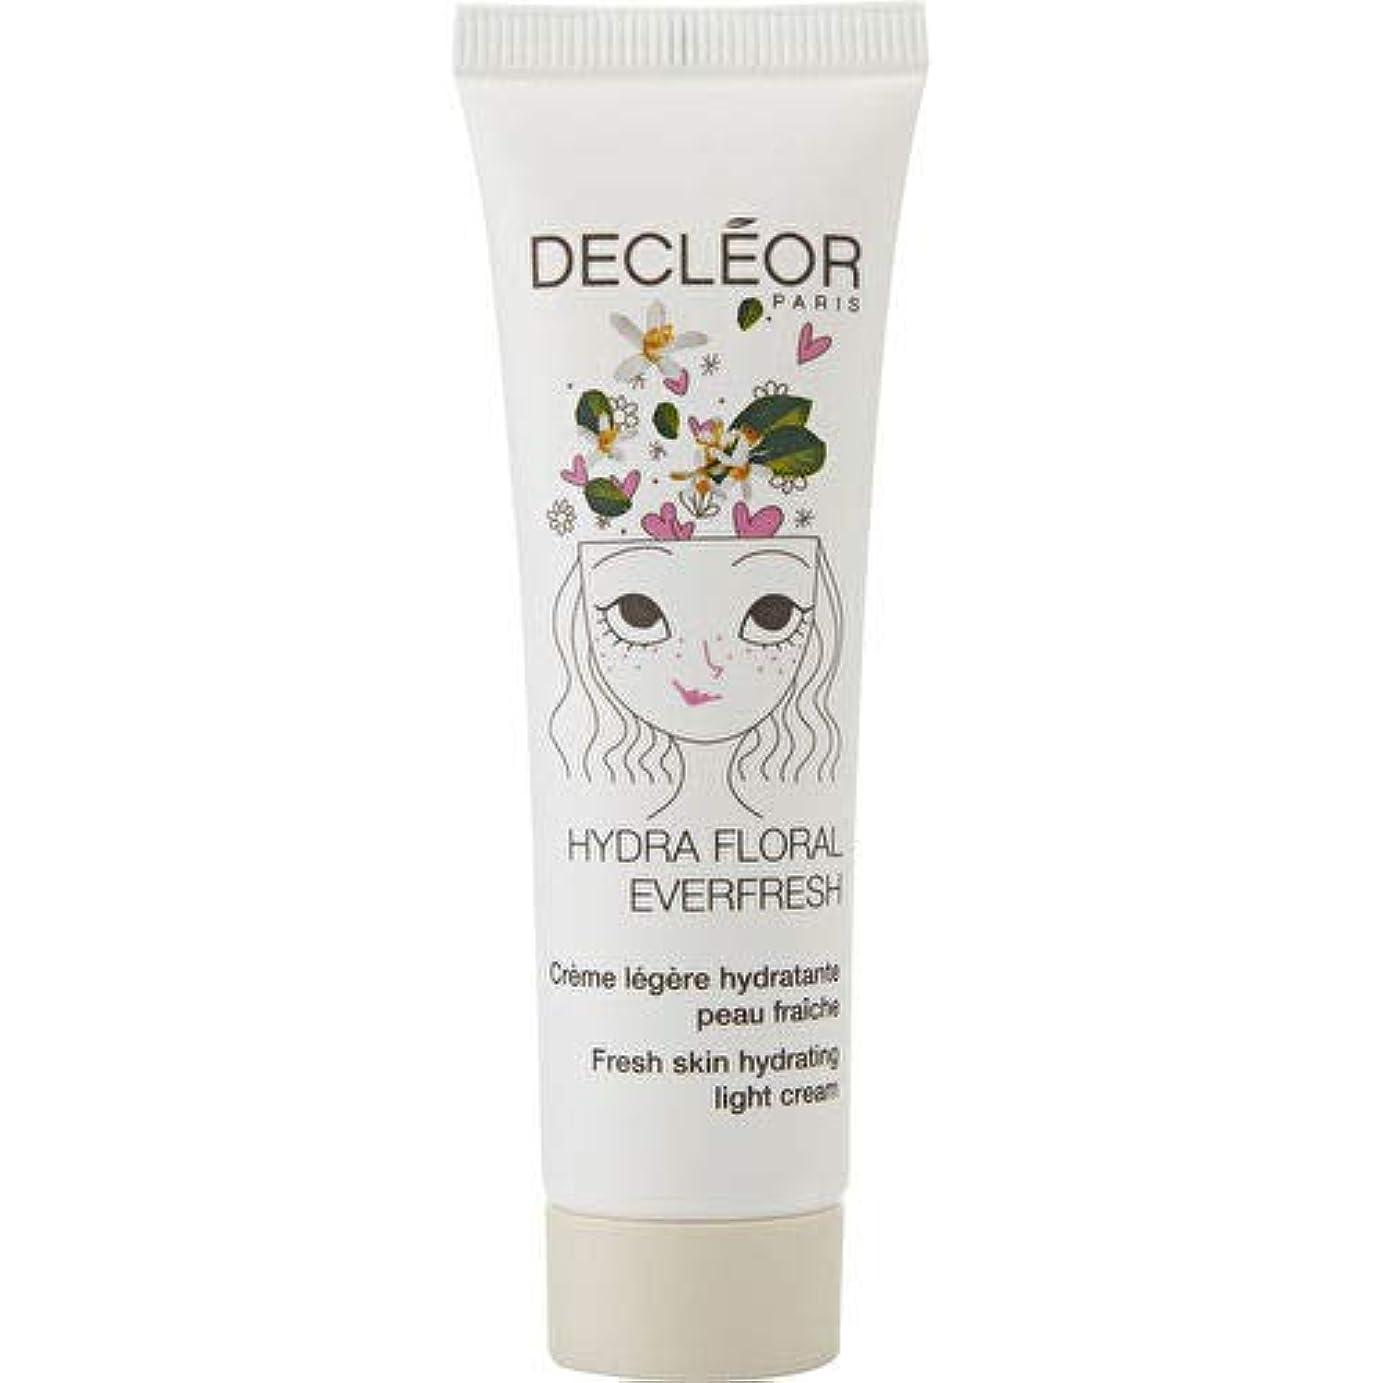 振り向く団結バレーボールデクレオール Hydra Floral Everfresh Fresh Skin Hydrating Light Cream - For Dehydrated Skin 30ml/1oz並行輸入品